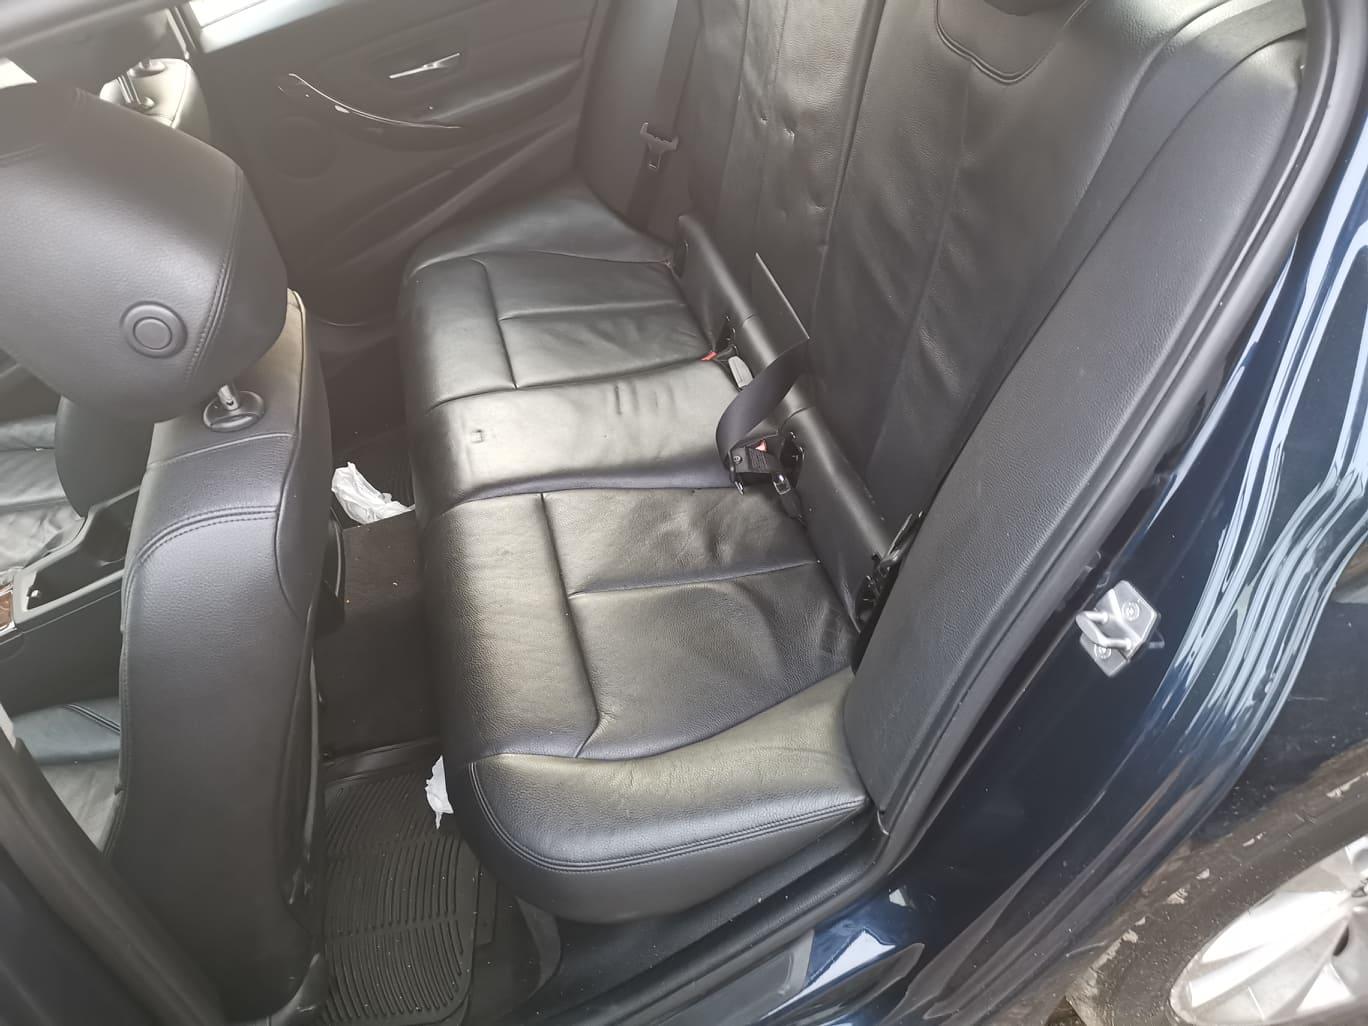 BMW alkatrészek - BMW F30 320D - Ülés, kárpit - Carbon Car Center Kft. Békéscsaba 017